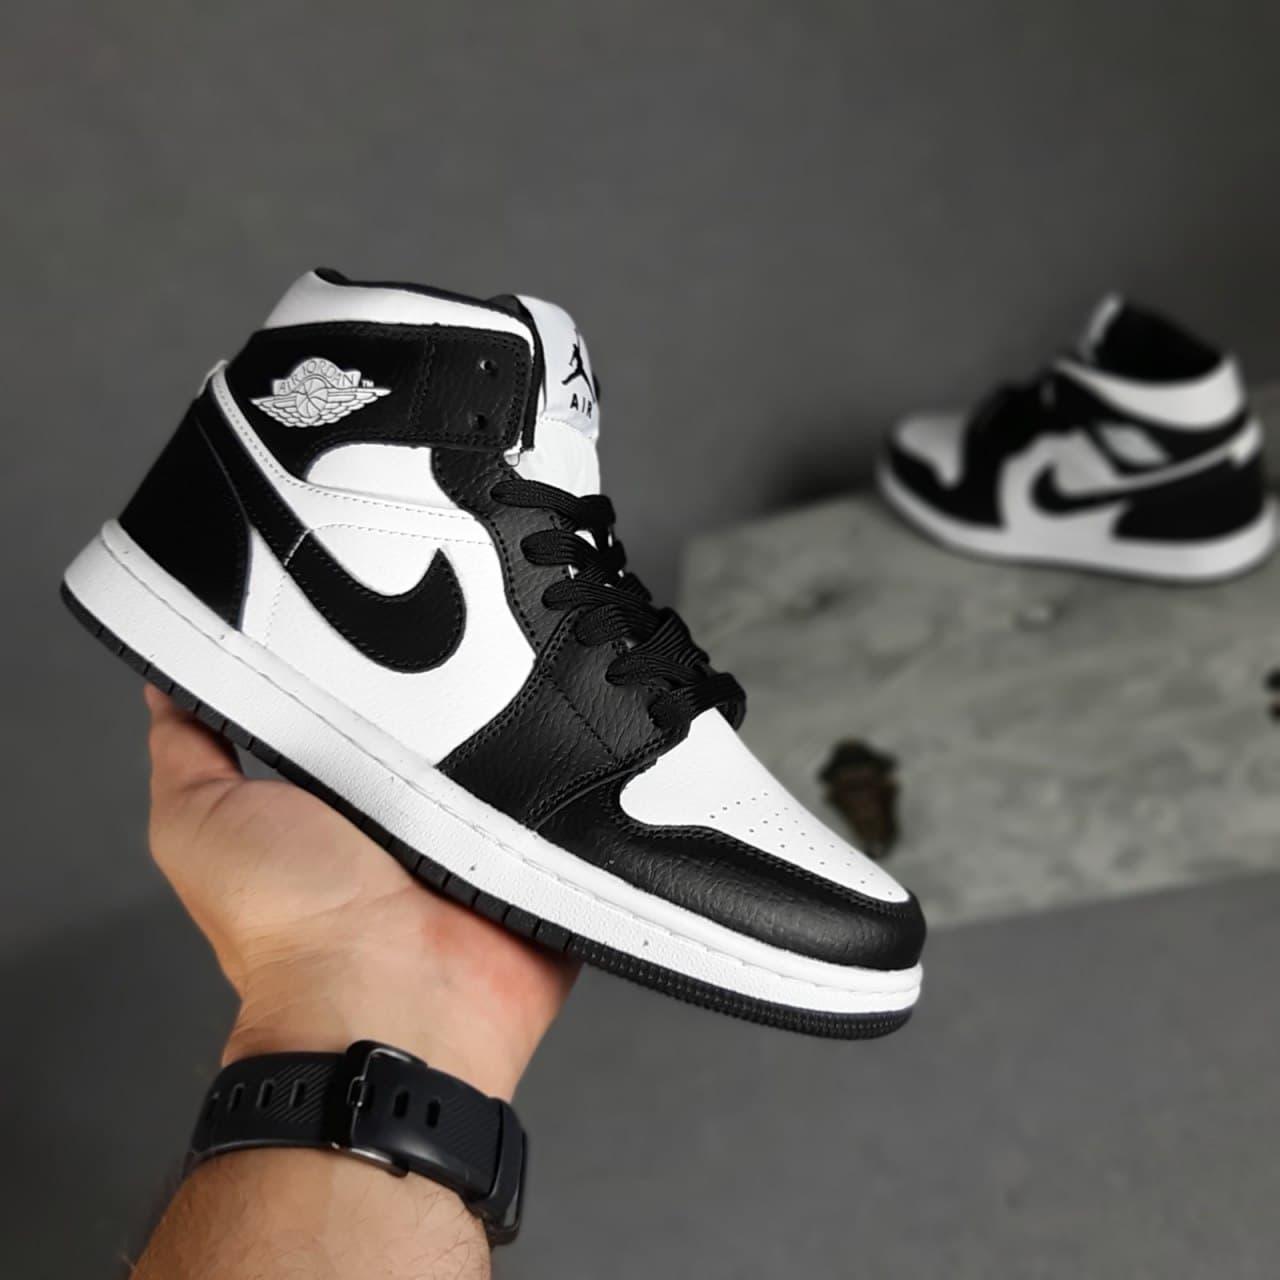 Жіночі кросівки Nike Air Jordan 1 (біло-чорні) О20440 якісні високі кроси